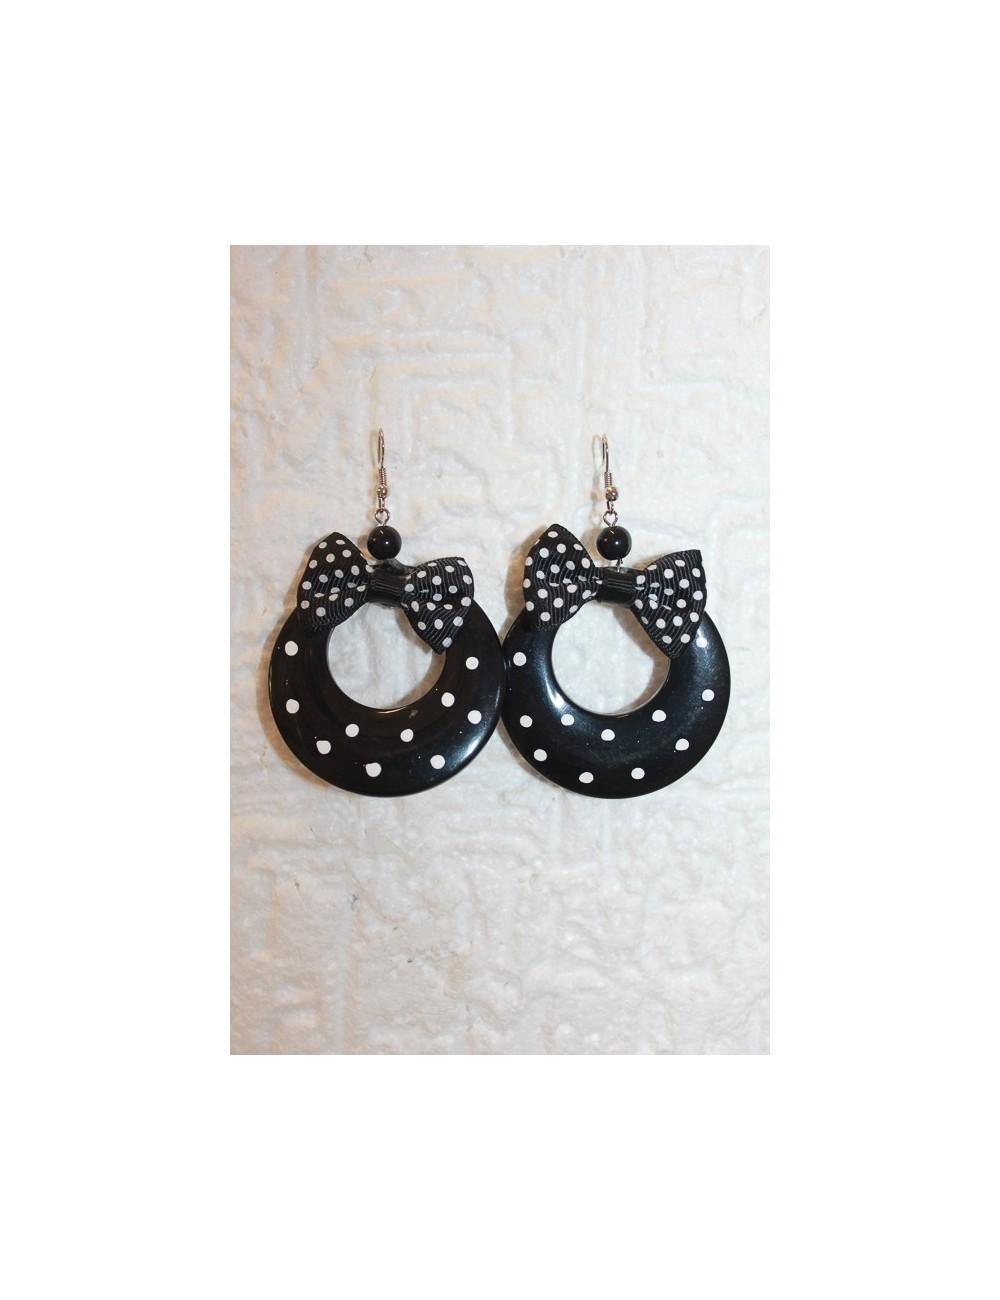 Boucles d'oreilles flamenco noire à pois